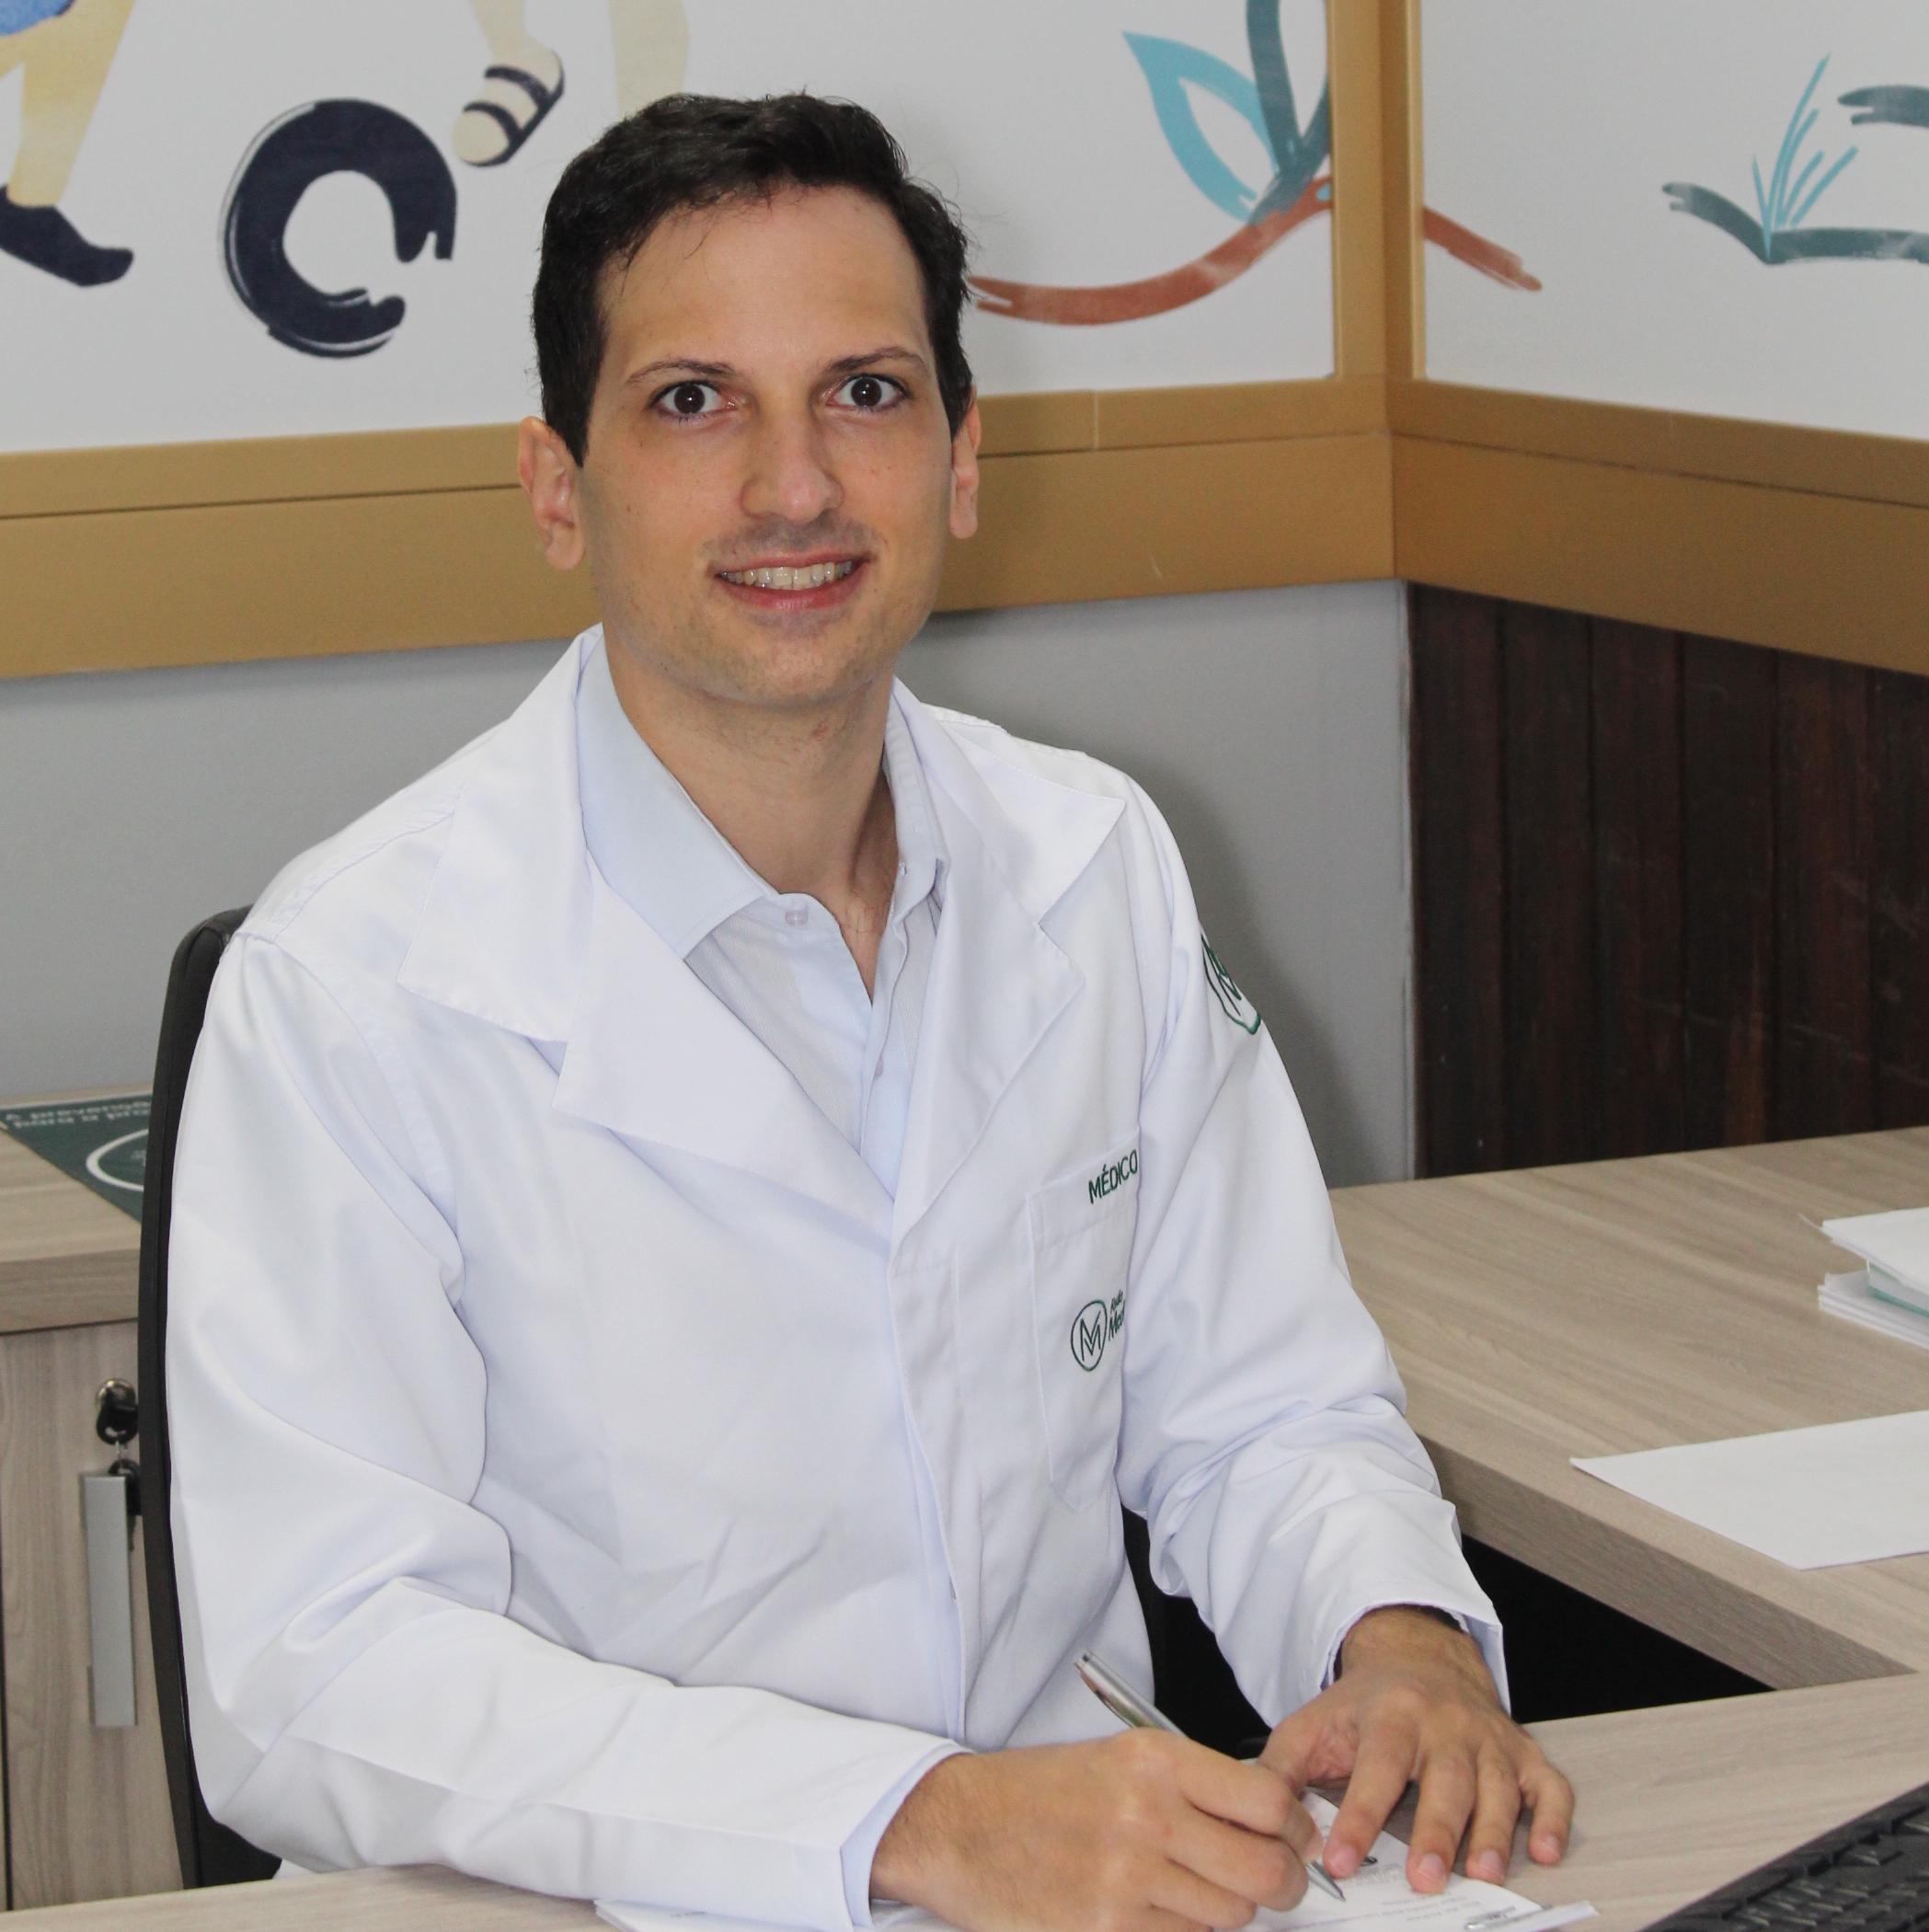 Paulo Henrique Oliveira de Souza